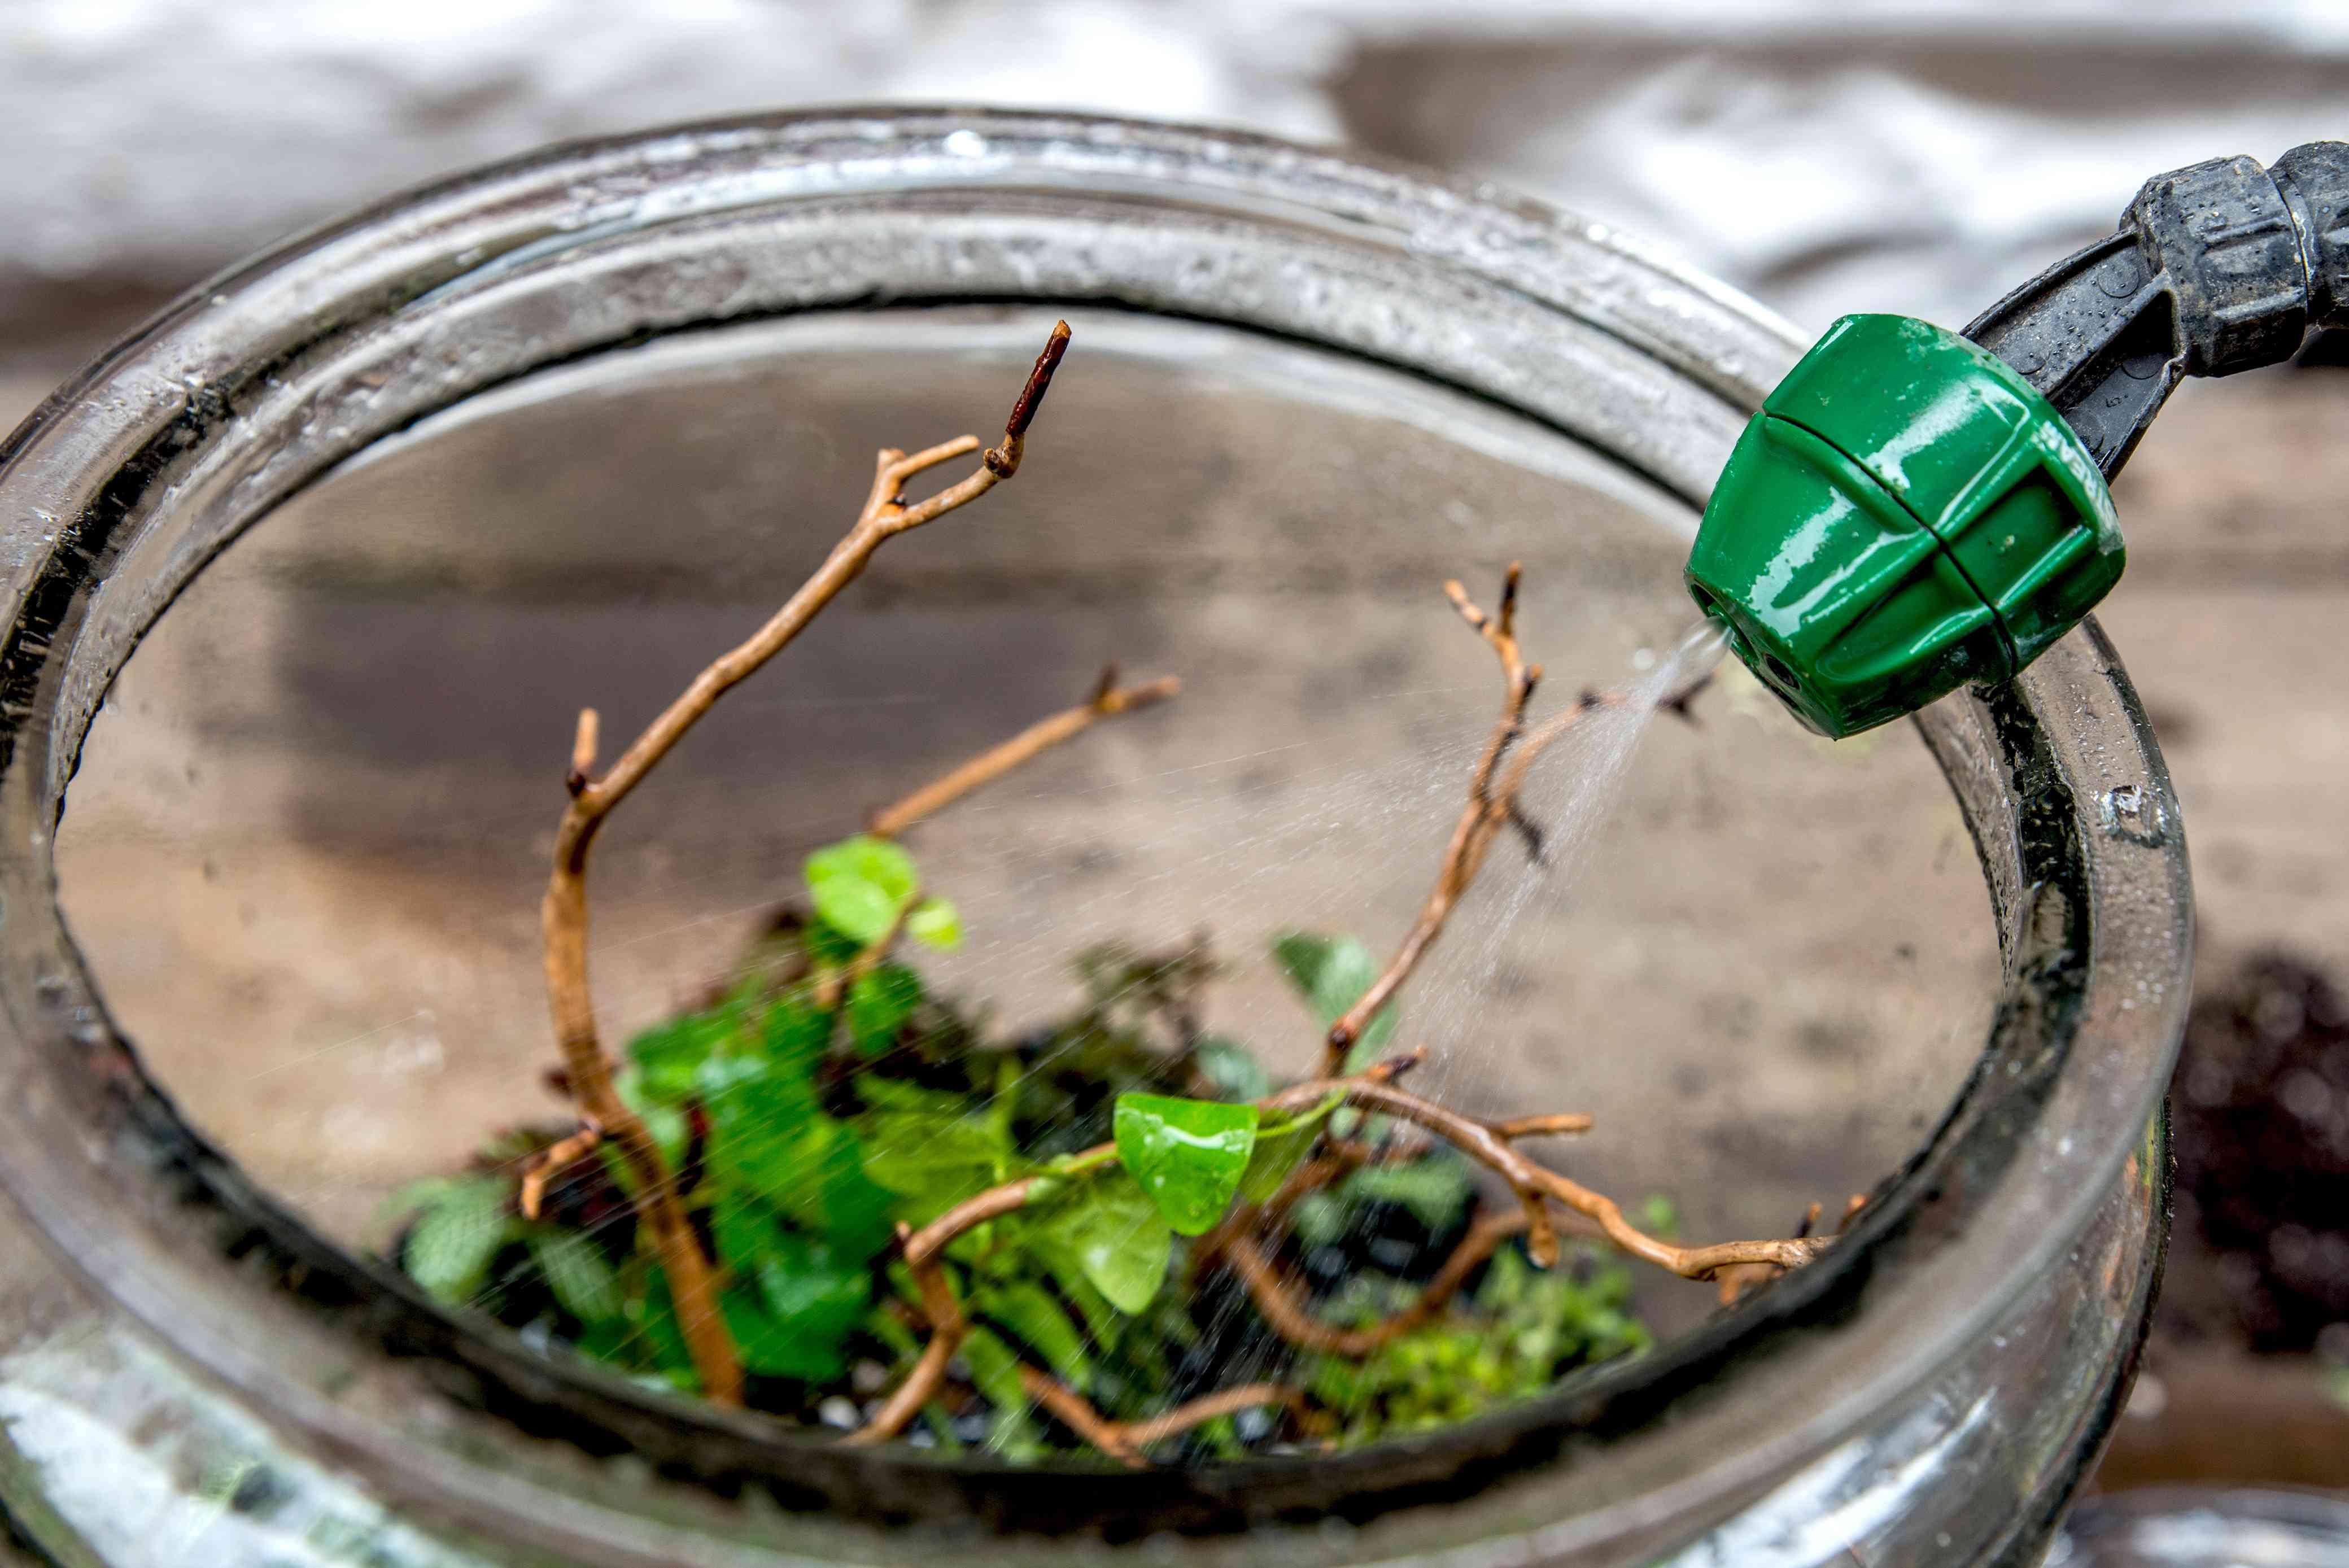 watering the terrarium